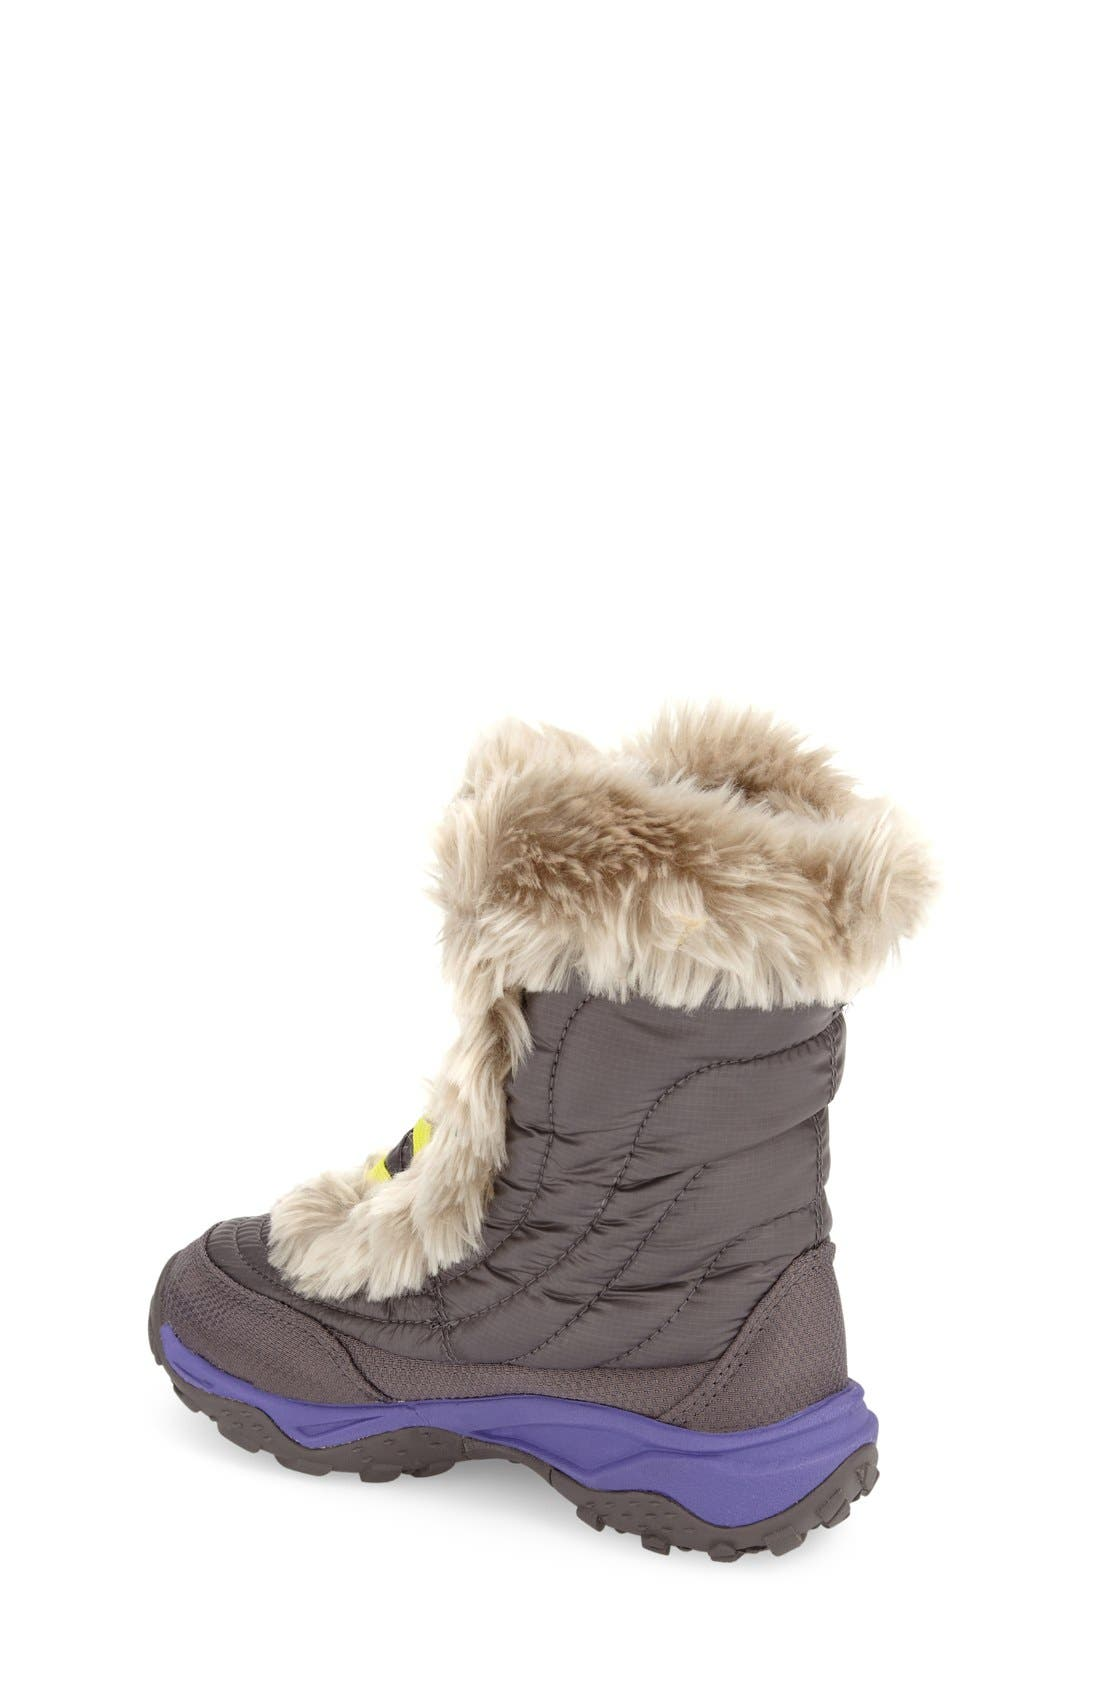 Alternate Image 2  - The North Face 'Nuptse Fur' Boot (Little Kid & Big Kid)